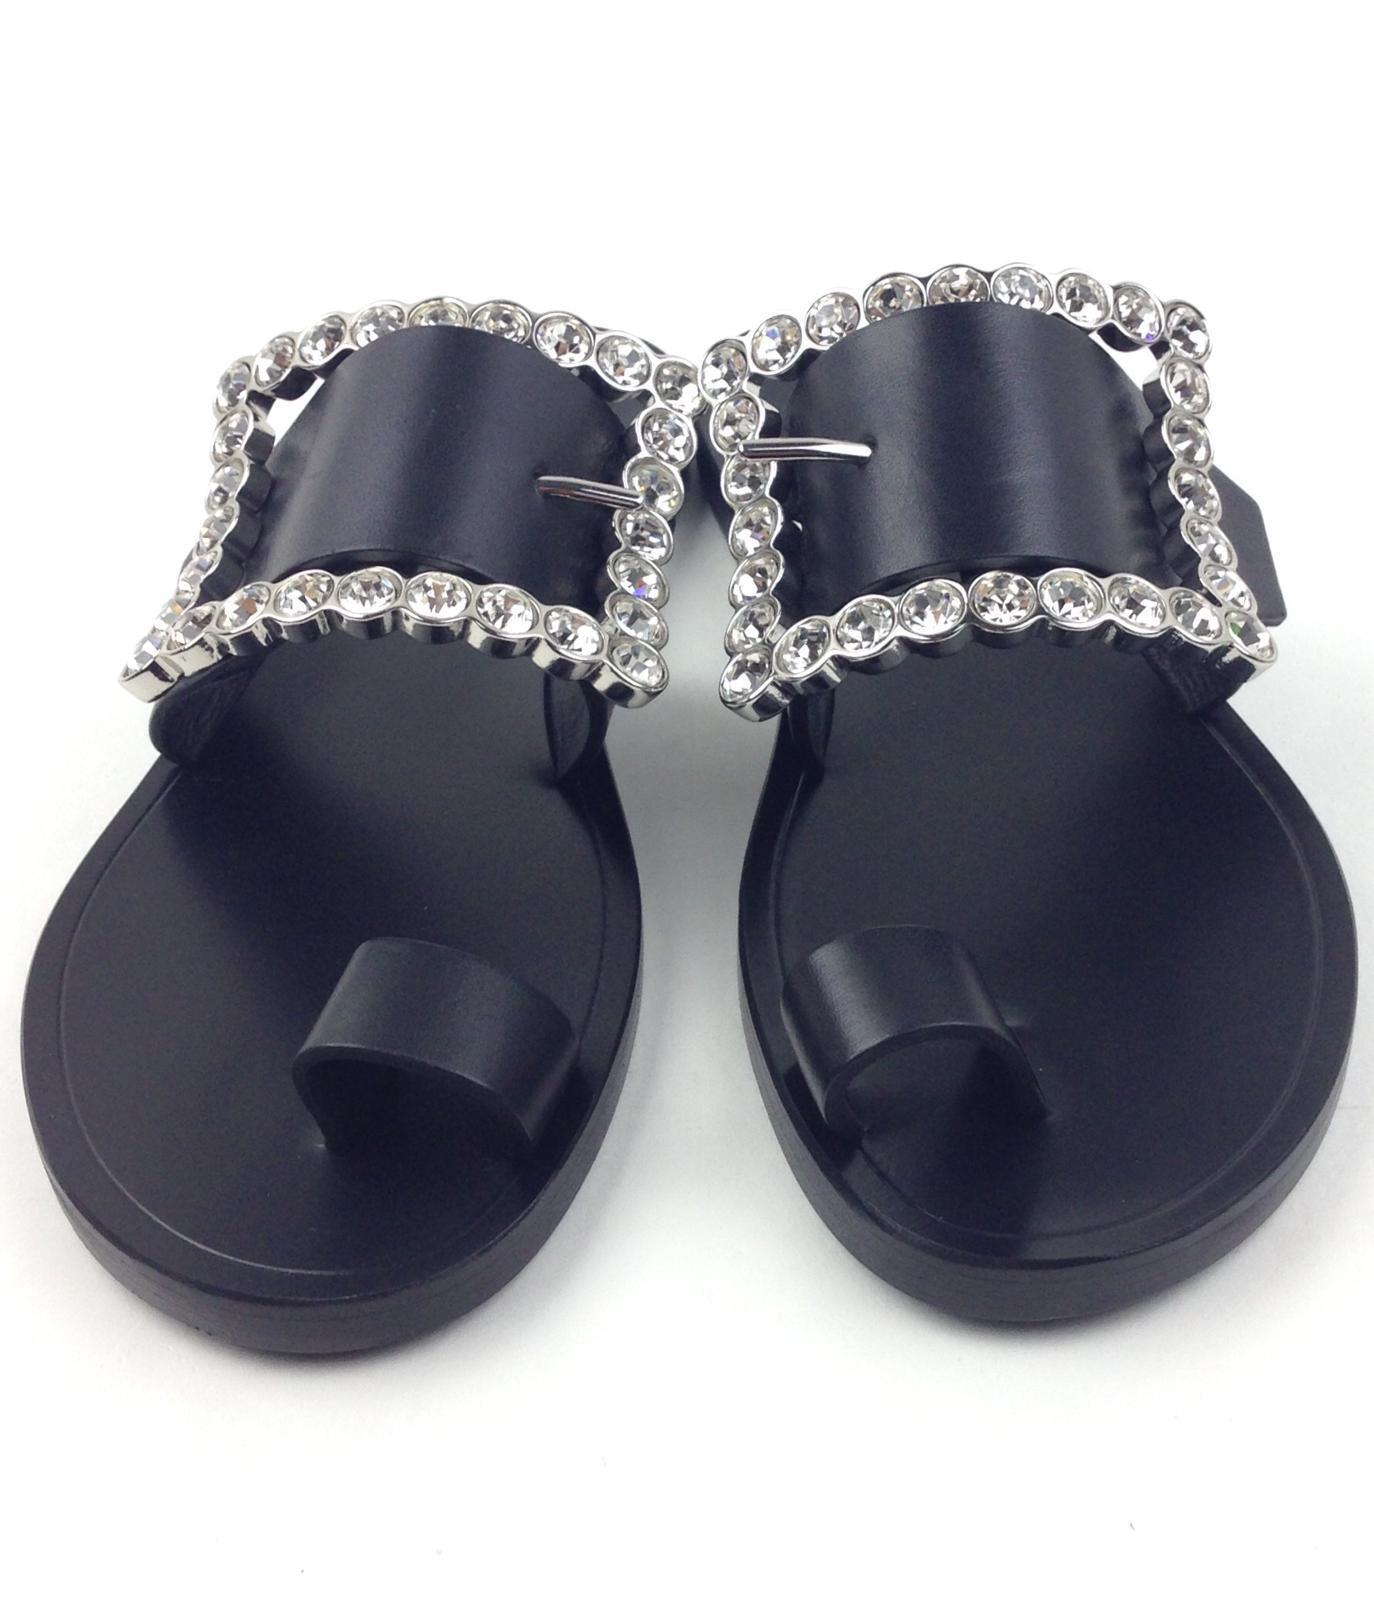 MAISON MARGIELA Embellished leather sandals sz 36.5